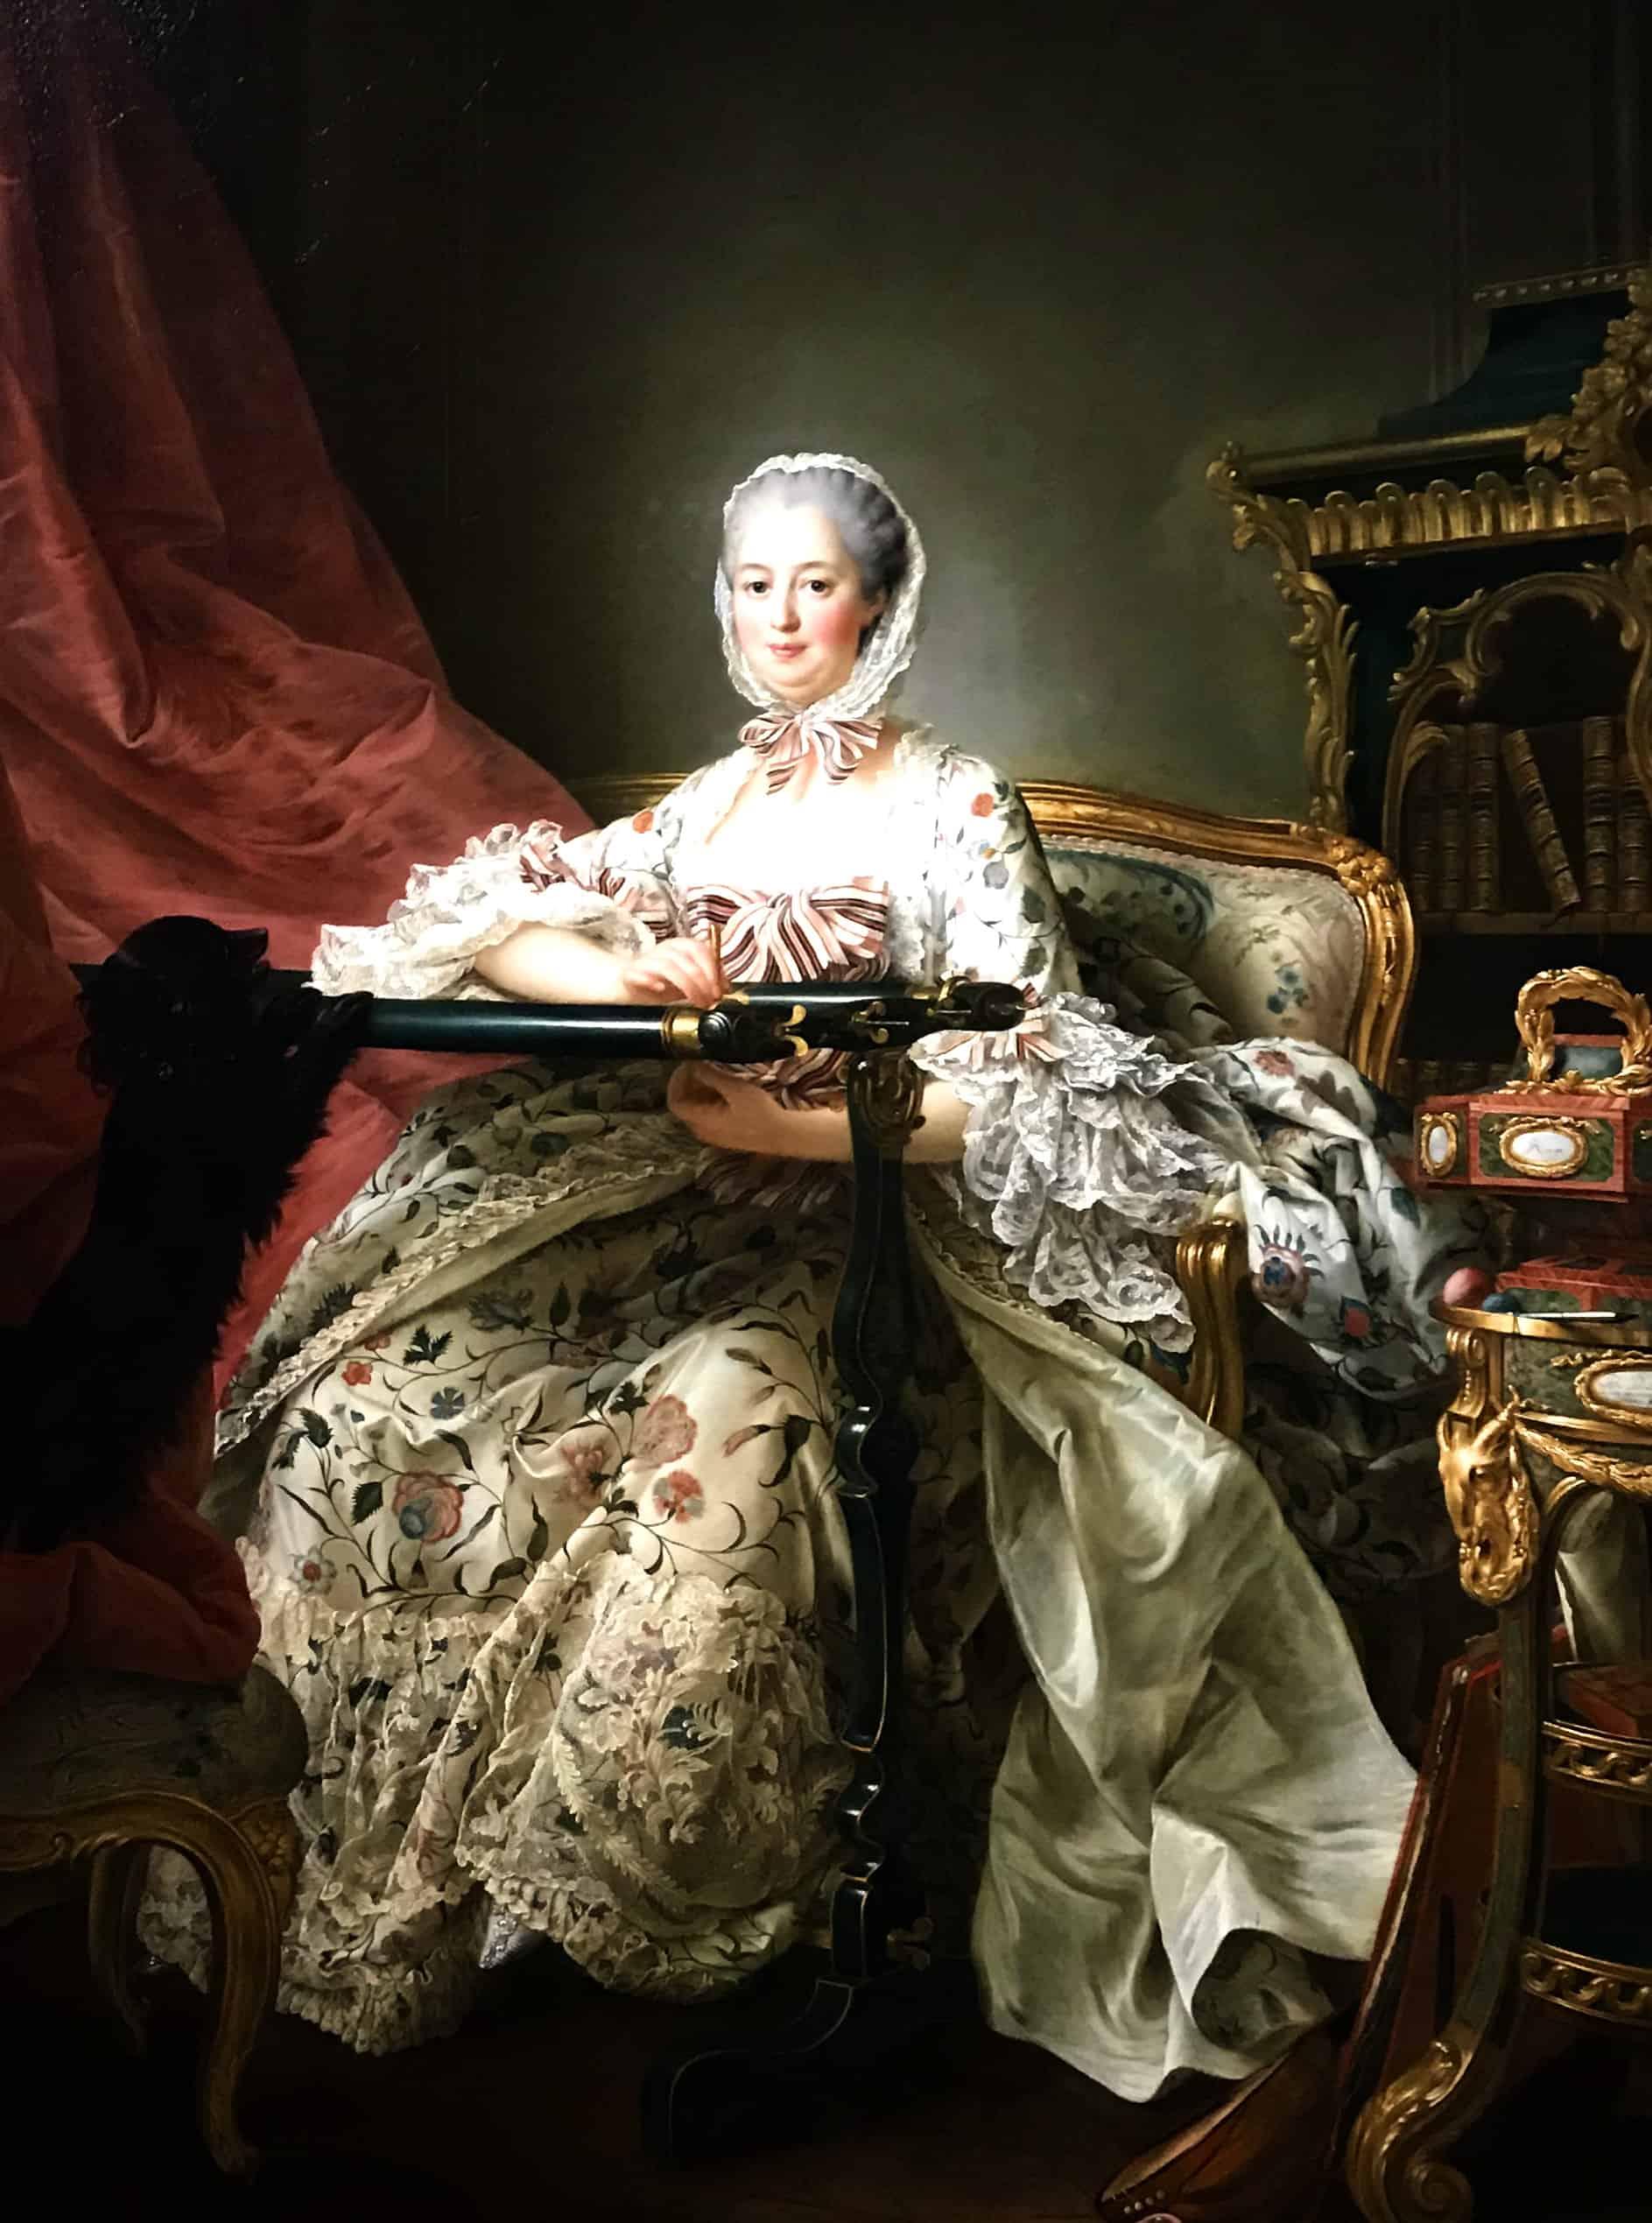 Portrait of Madame de Pompadour at her Tambour Frame by Drouais